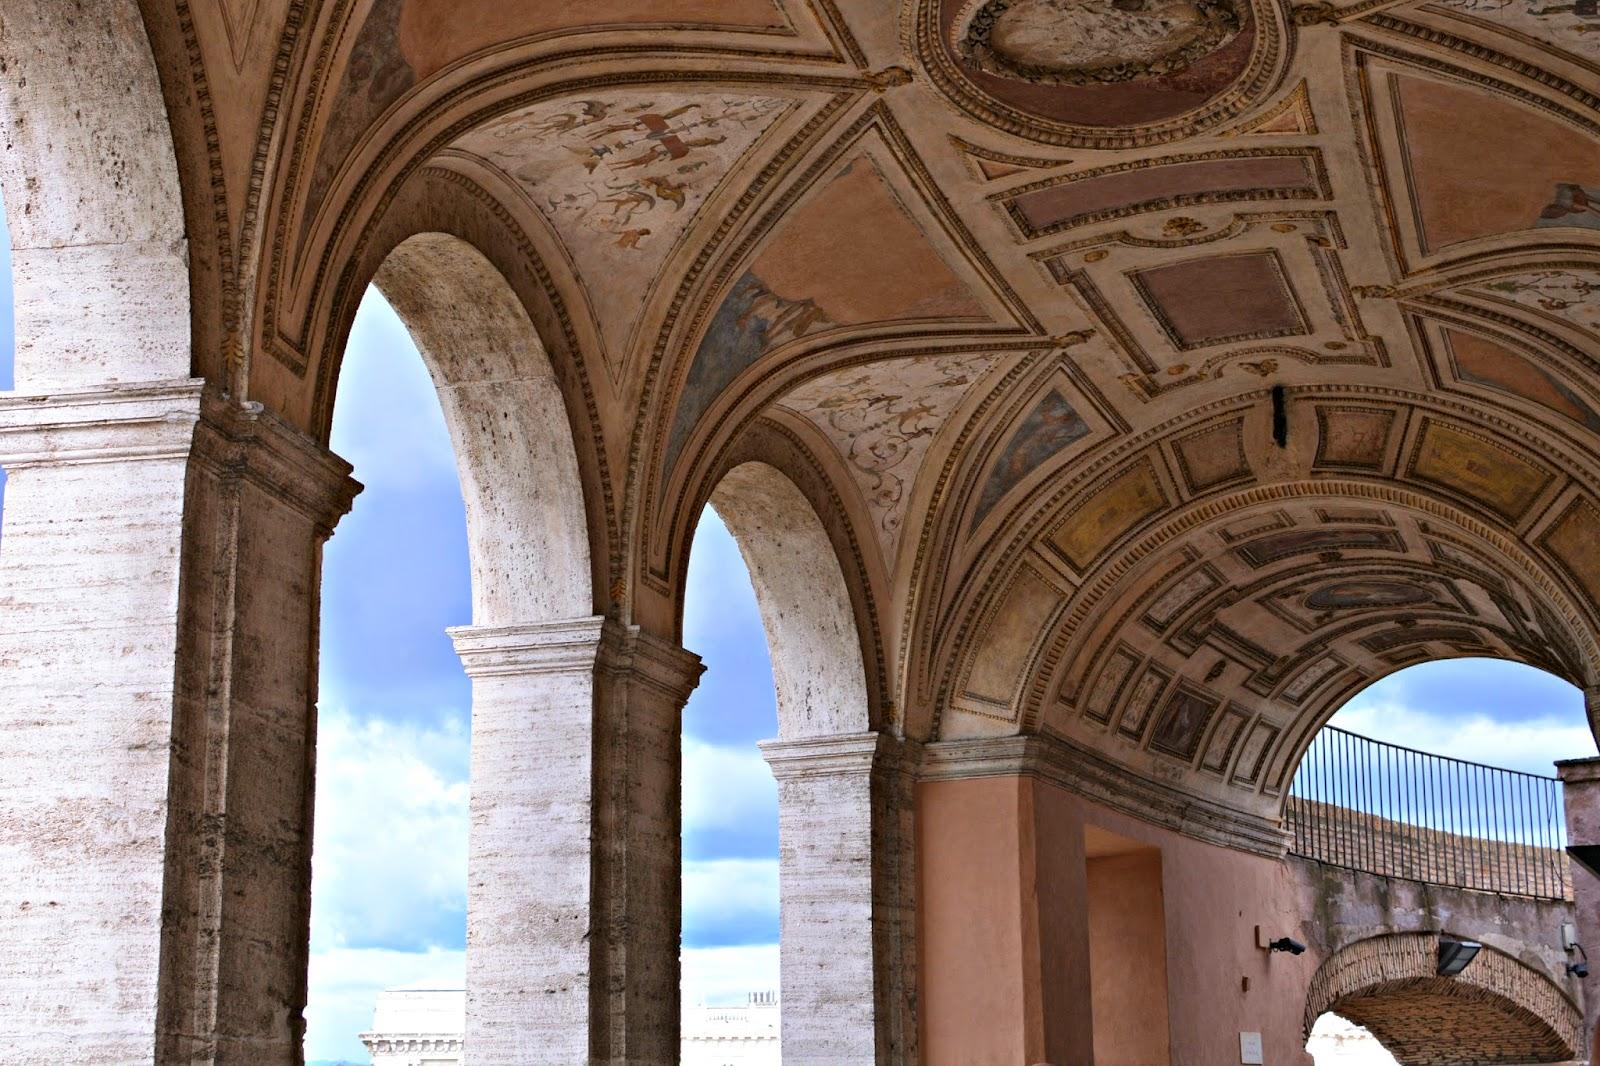 Ceilings of Castel Sant'Angelo